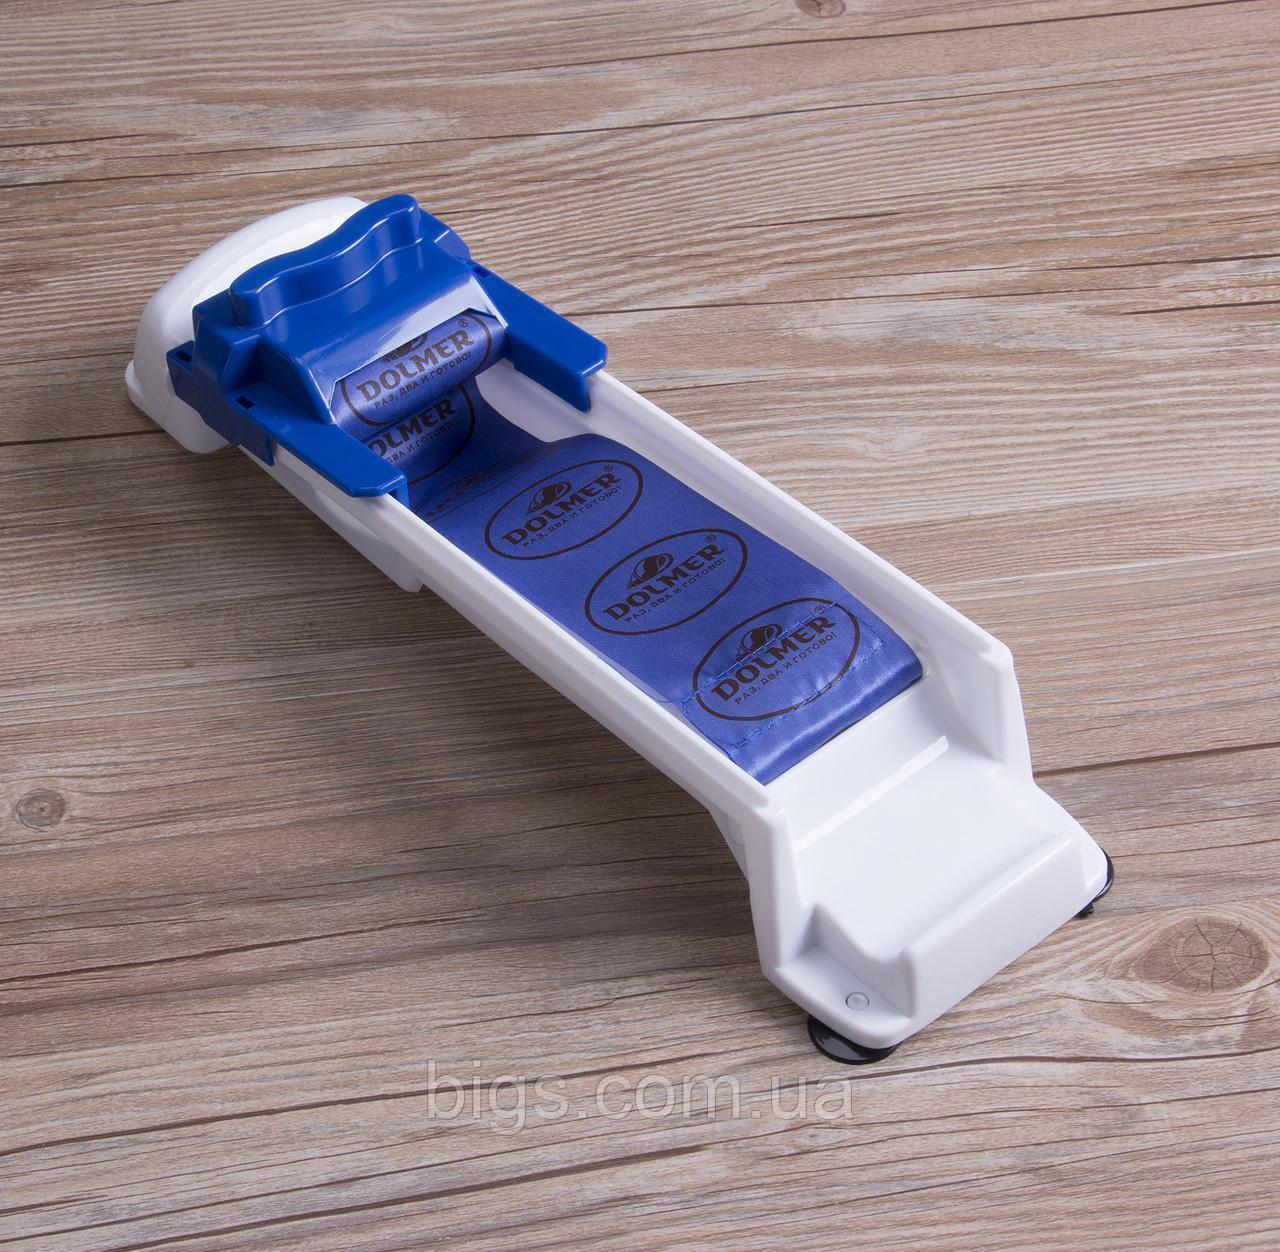 Машинка для заворачивания голубцов и долмы Долмер 35,4х4,5х8,5 см